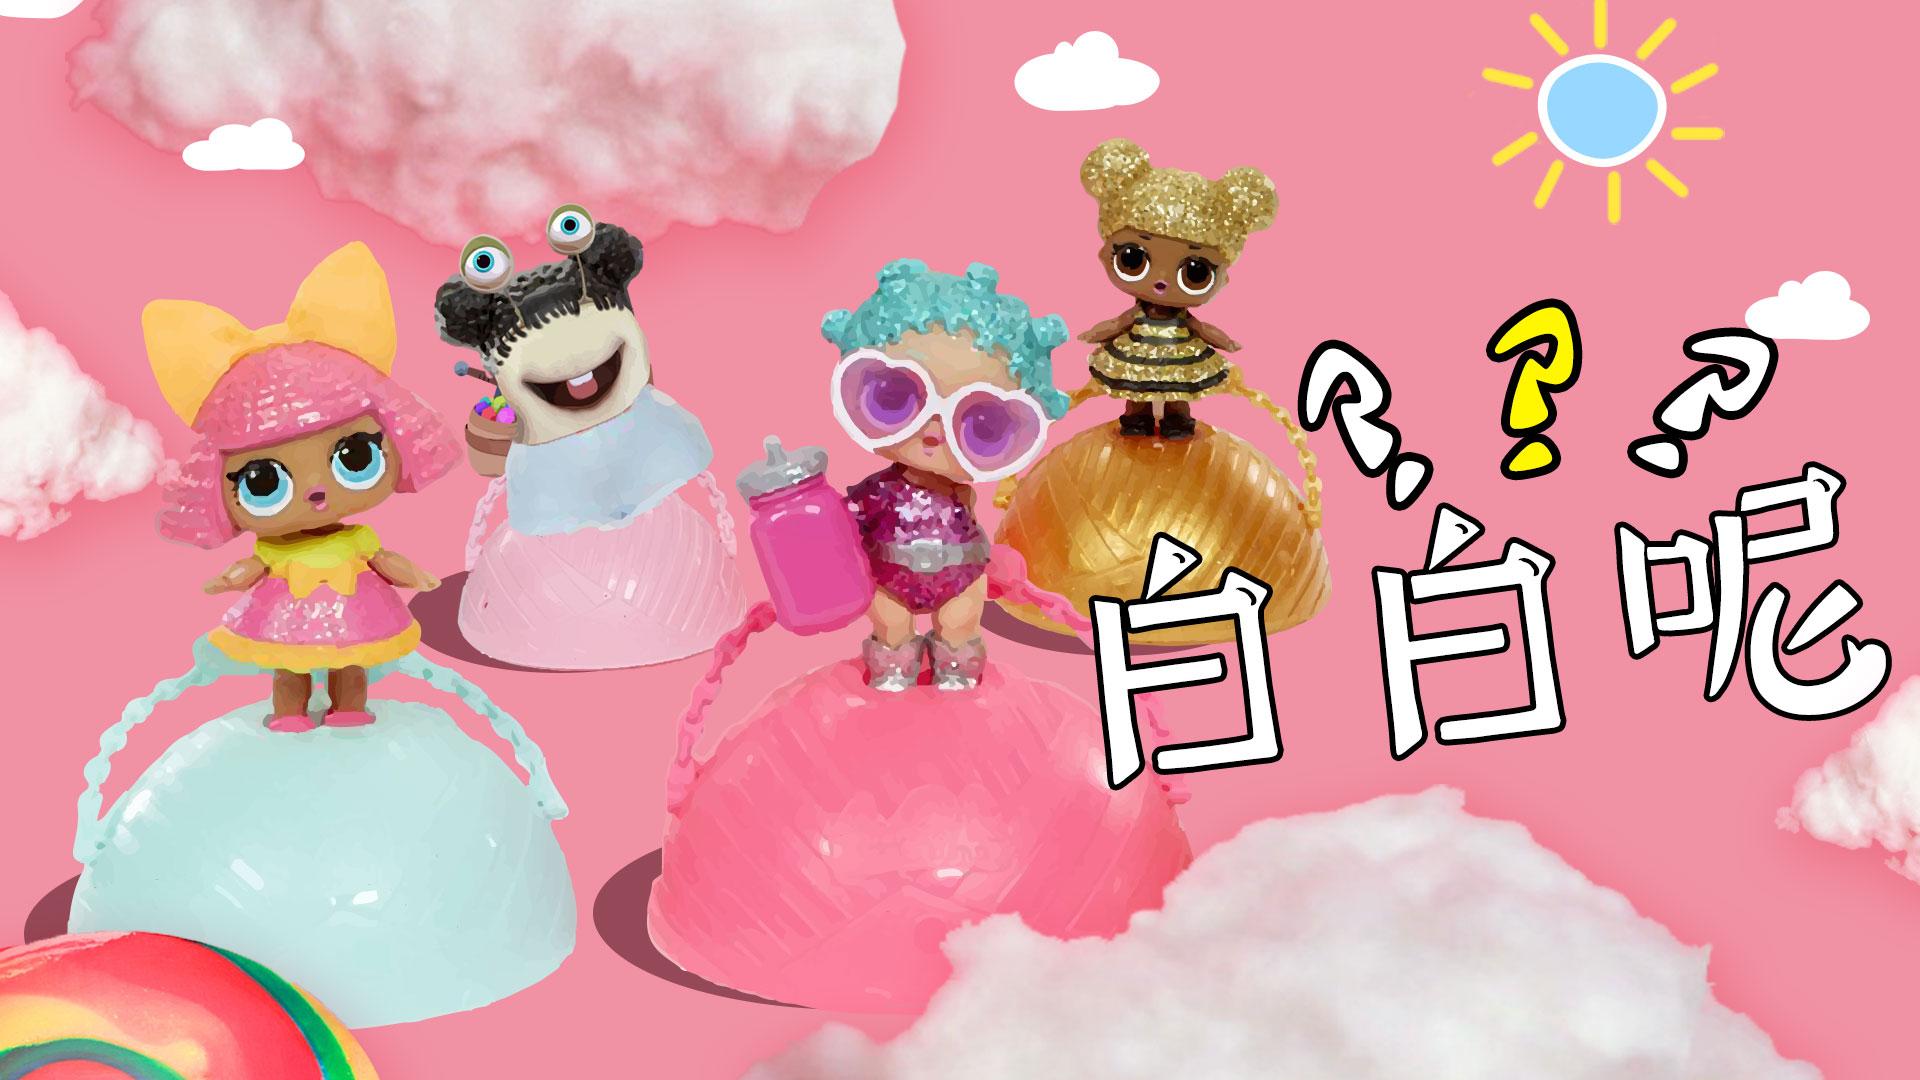 白白侠玩具秀:lol惊喜娃娃奇趣蛋q版芭比公主系列合集图片